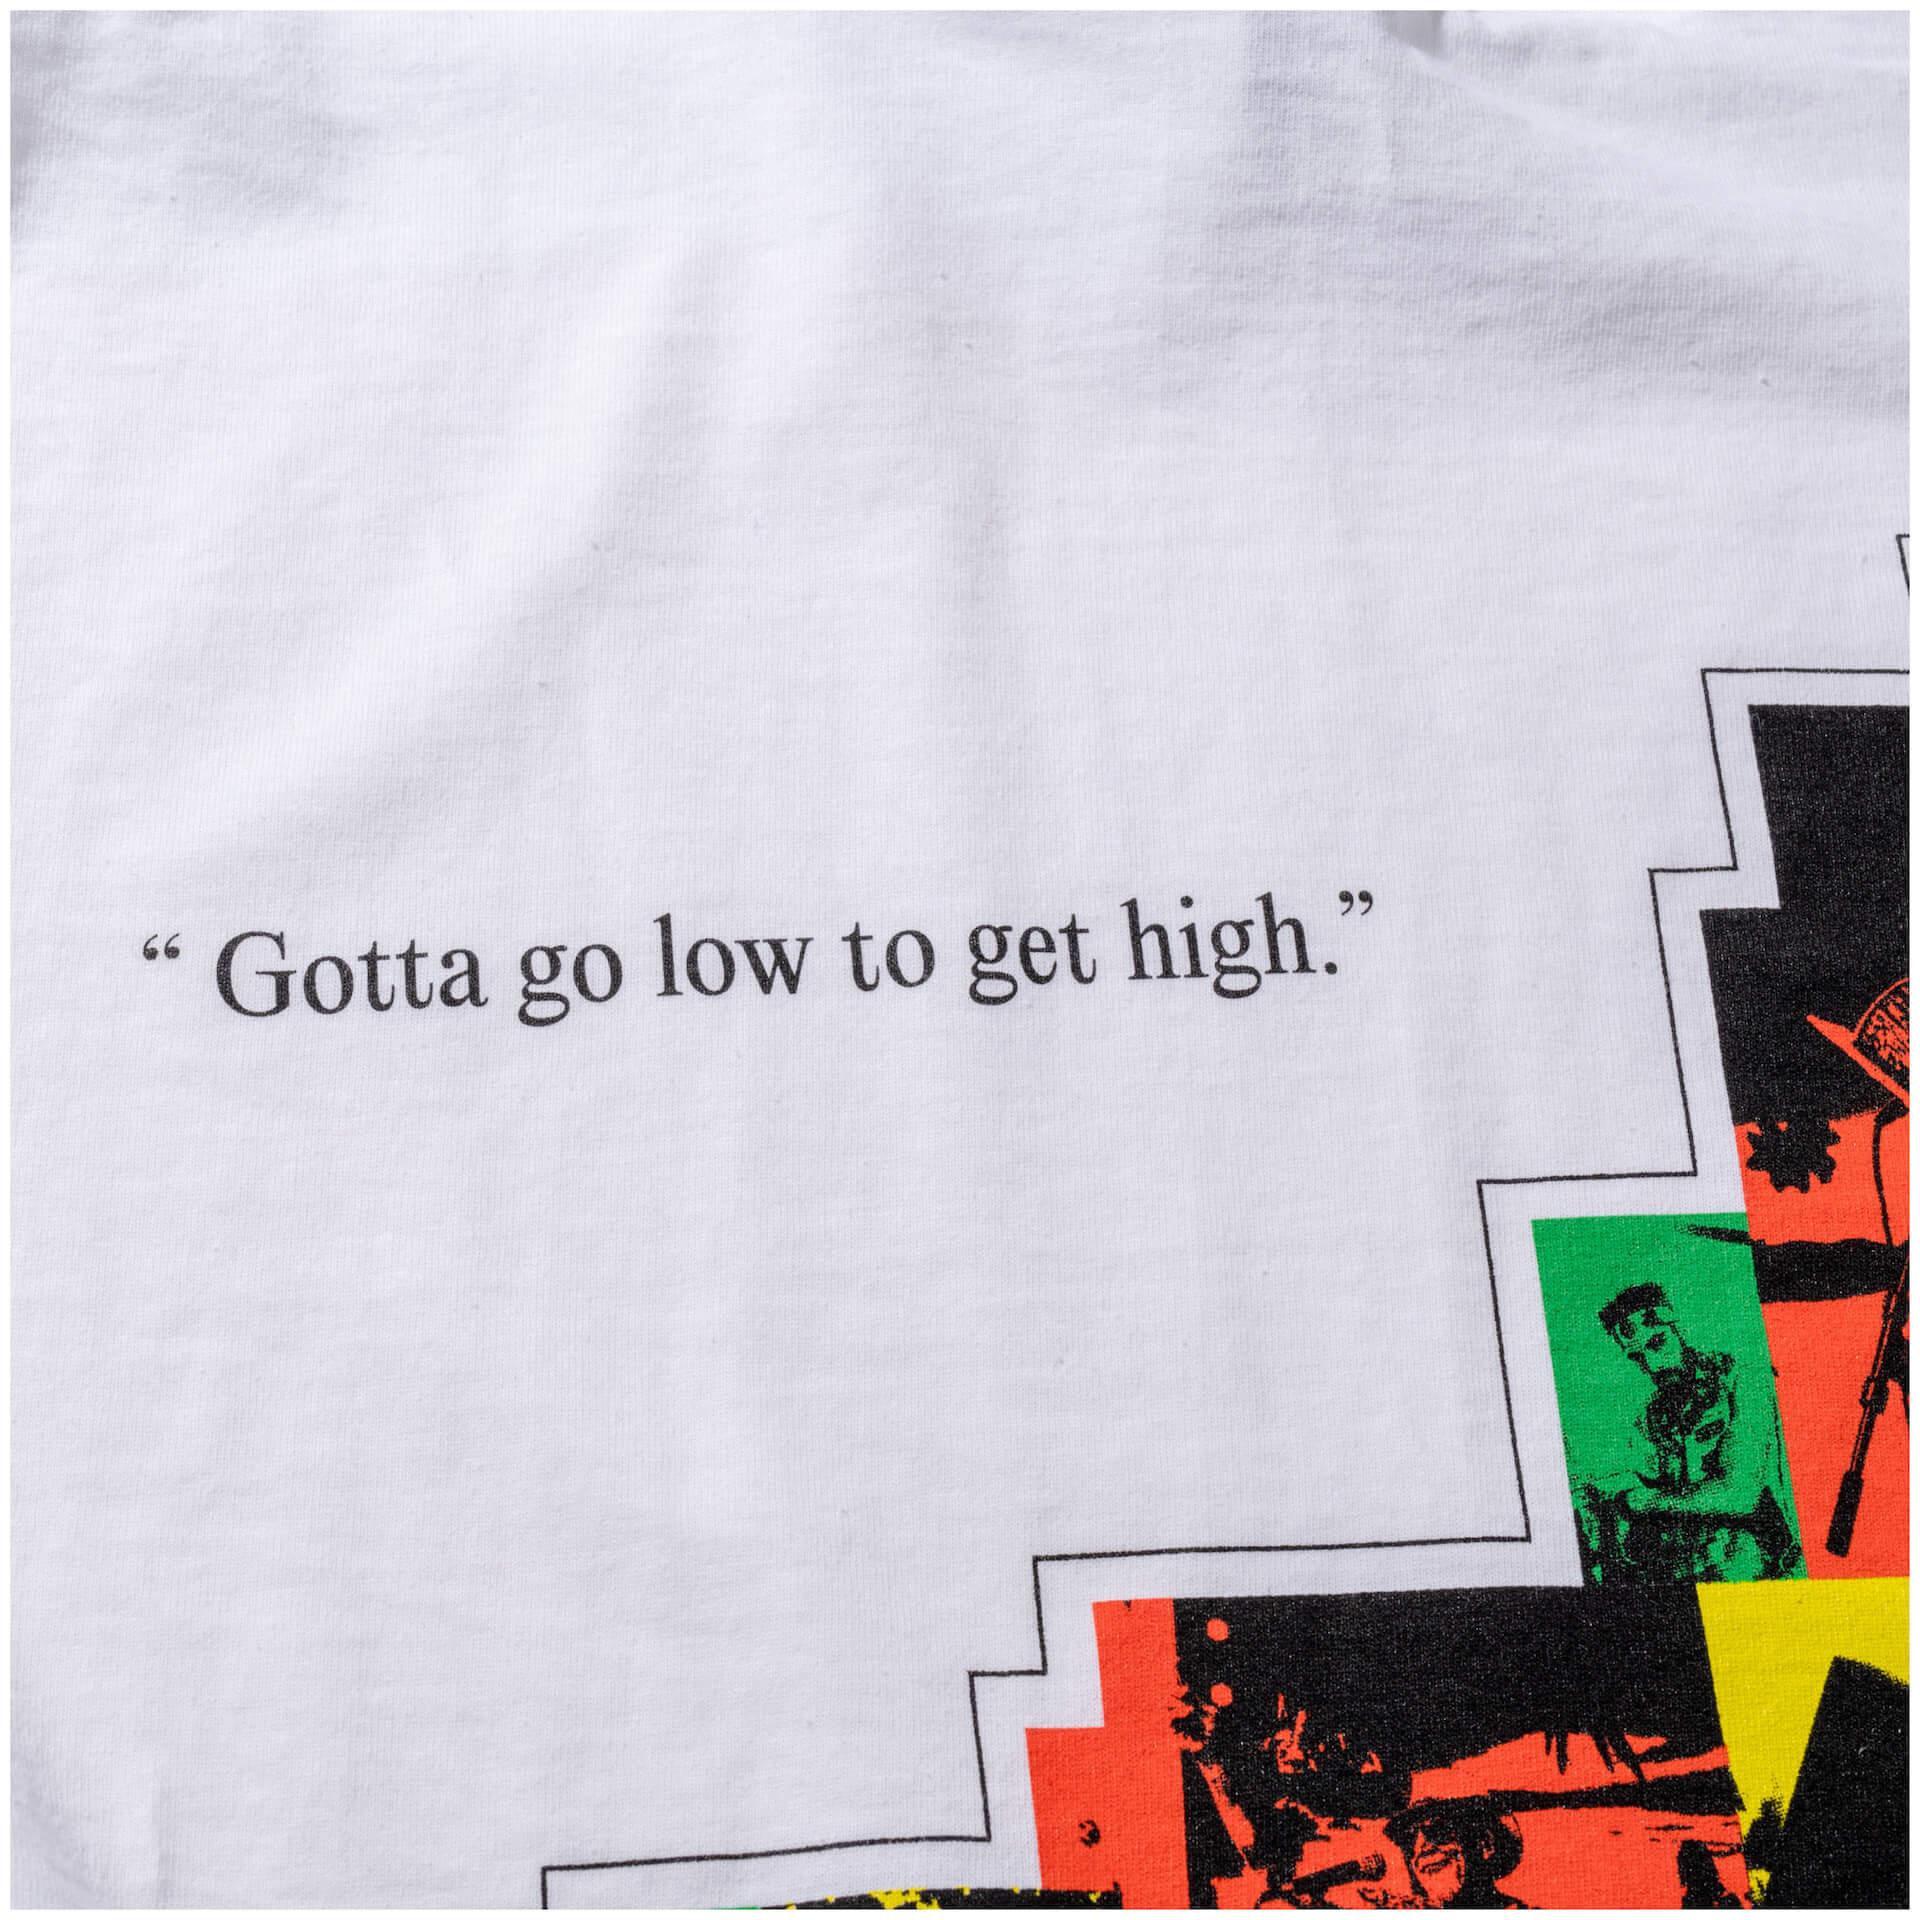 カルチャー紙POPEYEも熱狂!映画『ビーチ・バム まじめに不真面目』オリジナルTシャツが制作&発売決定 film210416_beachbum_tshirt_1